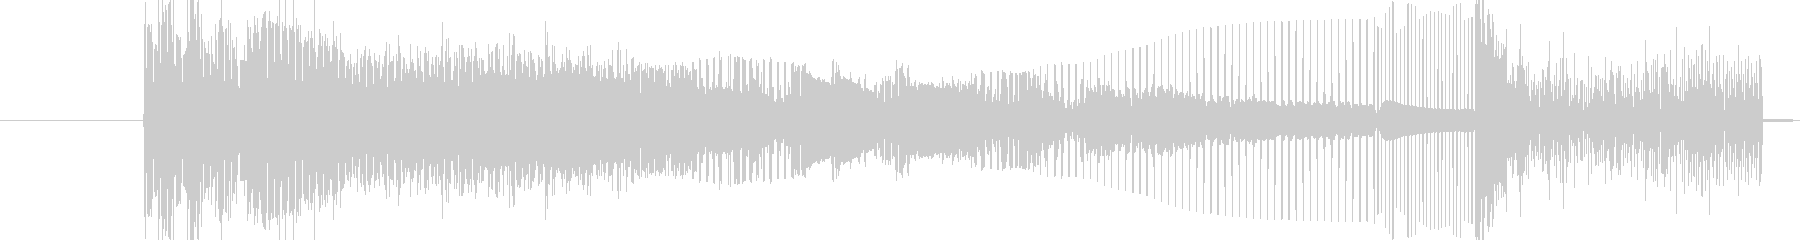 ワイルドバージョン3の未再生の波形